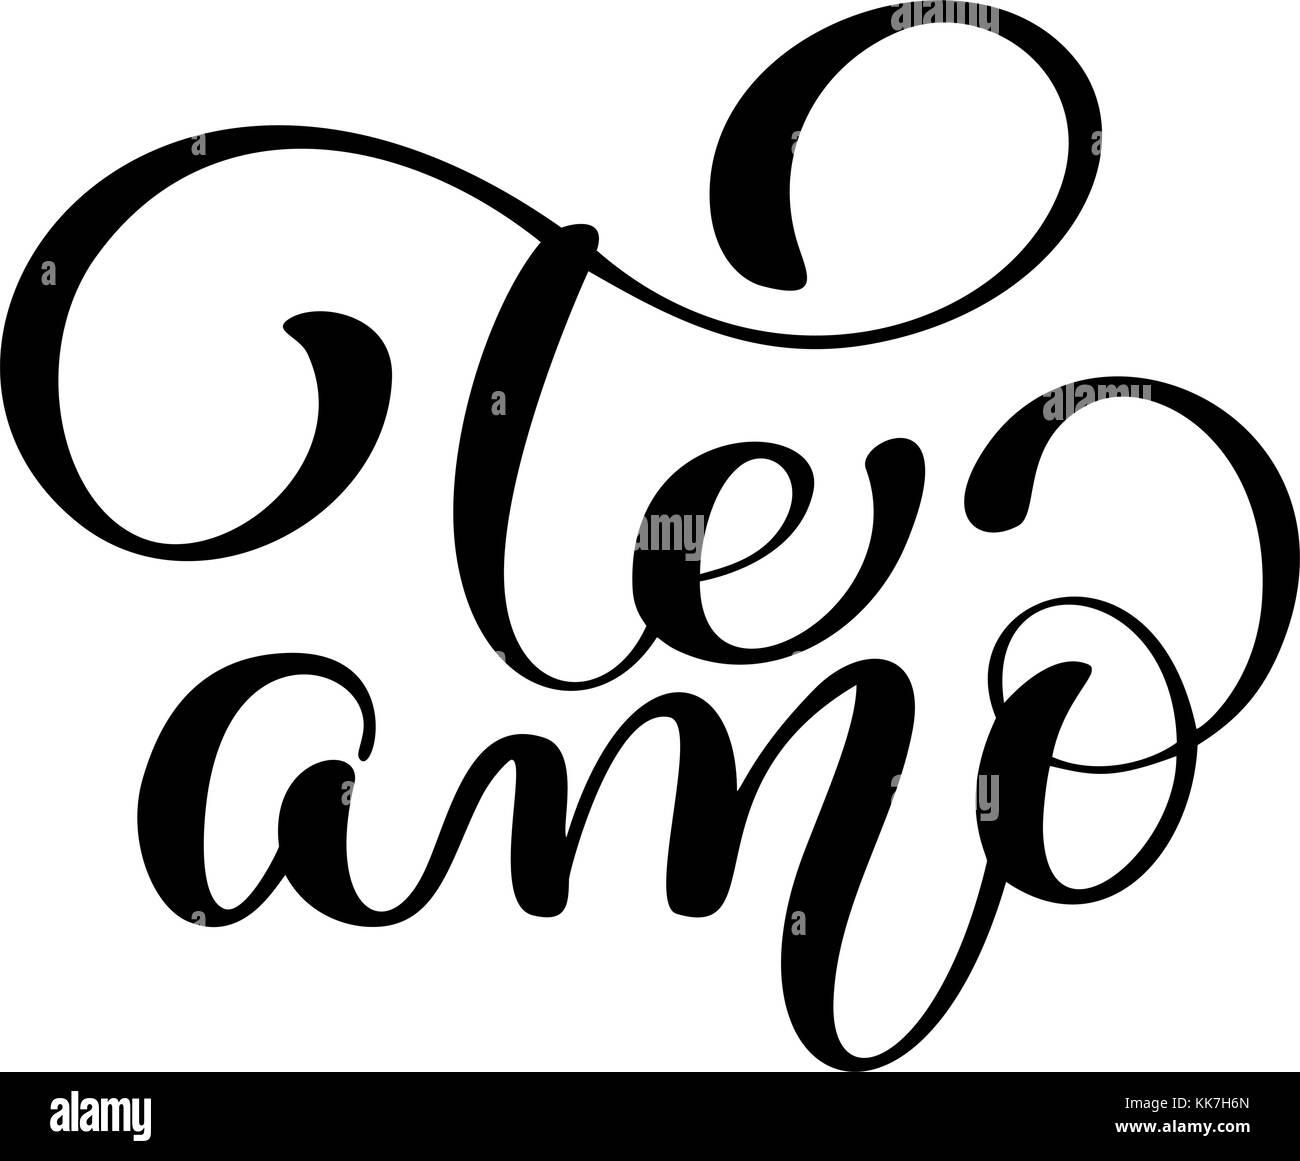 Te Amo Te Amo Texto Español Vector Caligrafía Rotulación Para